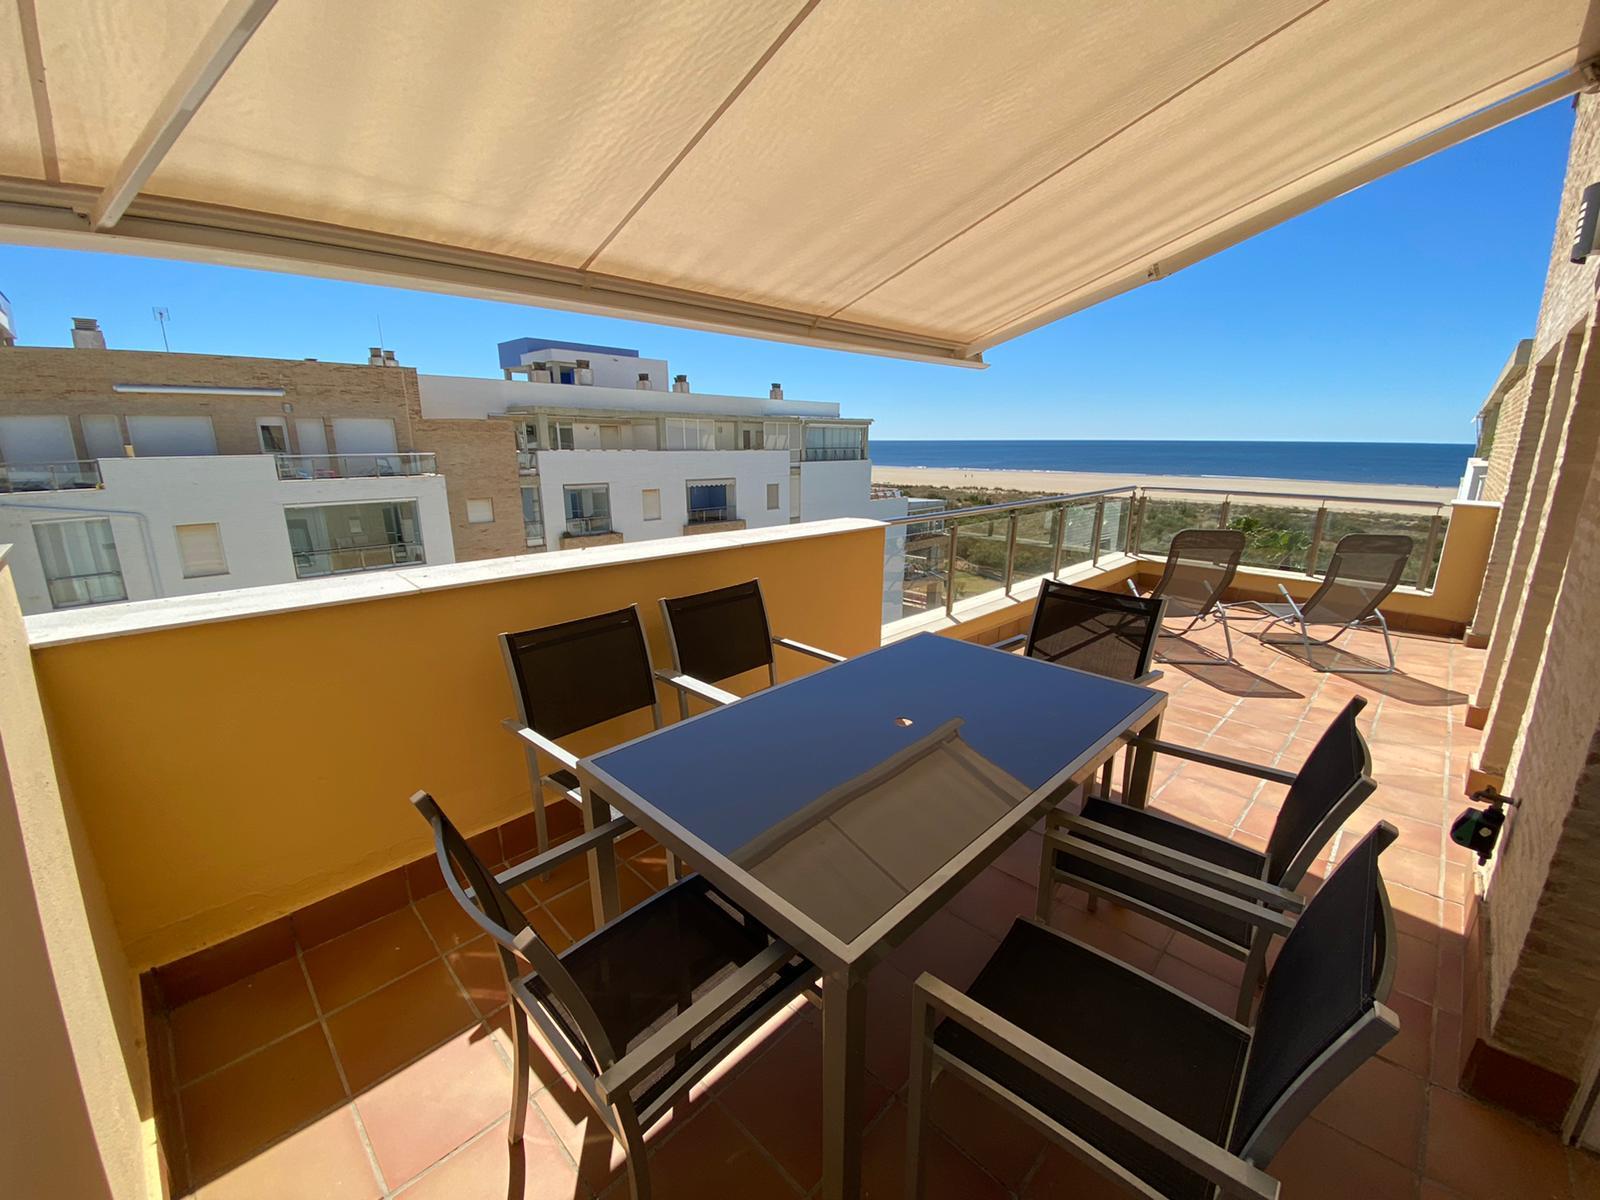 Imagen 33 del Apartamento Turístico, Ático 6 Poniente (3d+2b), Punta del Moral (HUELVA), Paseo de la Cruz nº22